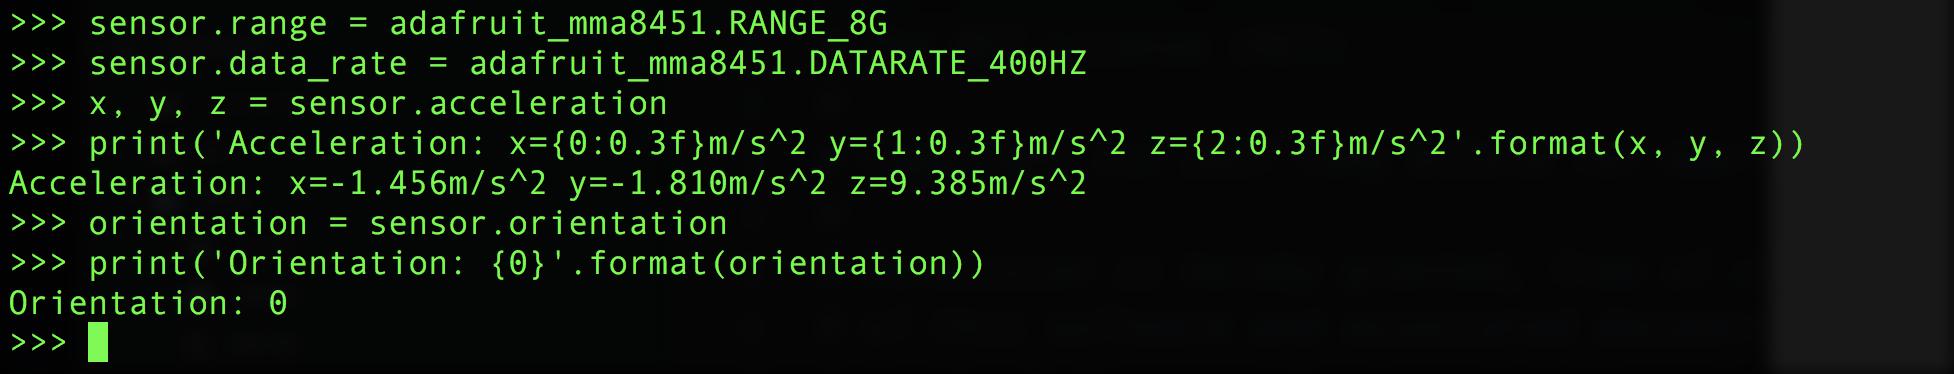 sensors_Screen_Shot_2018-02-05_at_1.58.35_PM.png